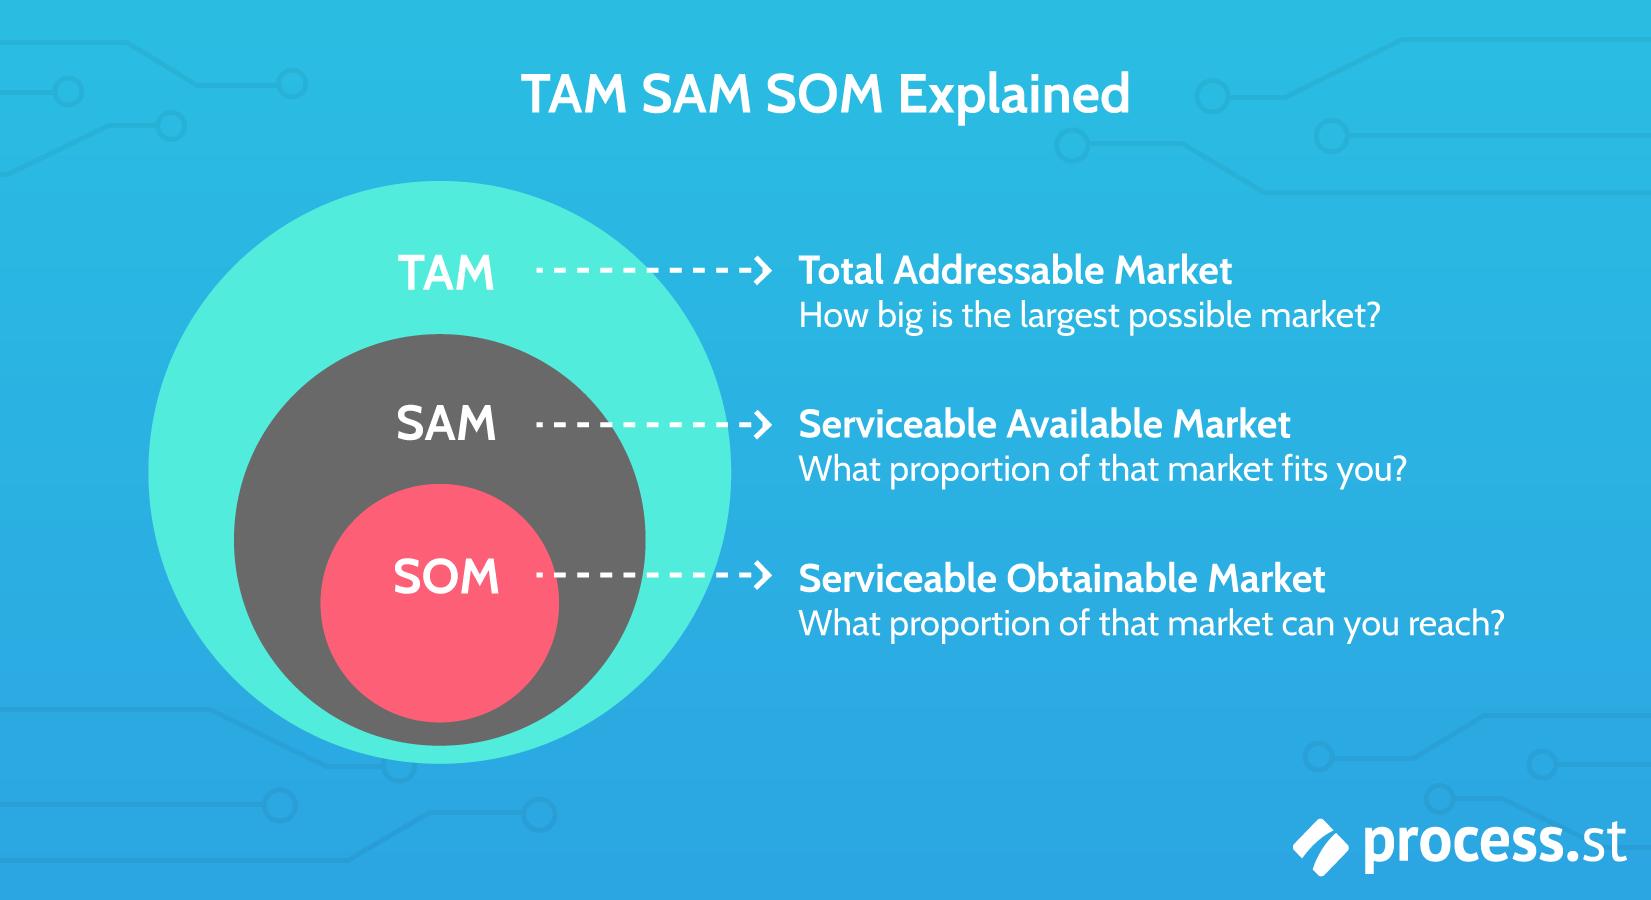 TAM-SAM-SOM-Explained what is